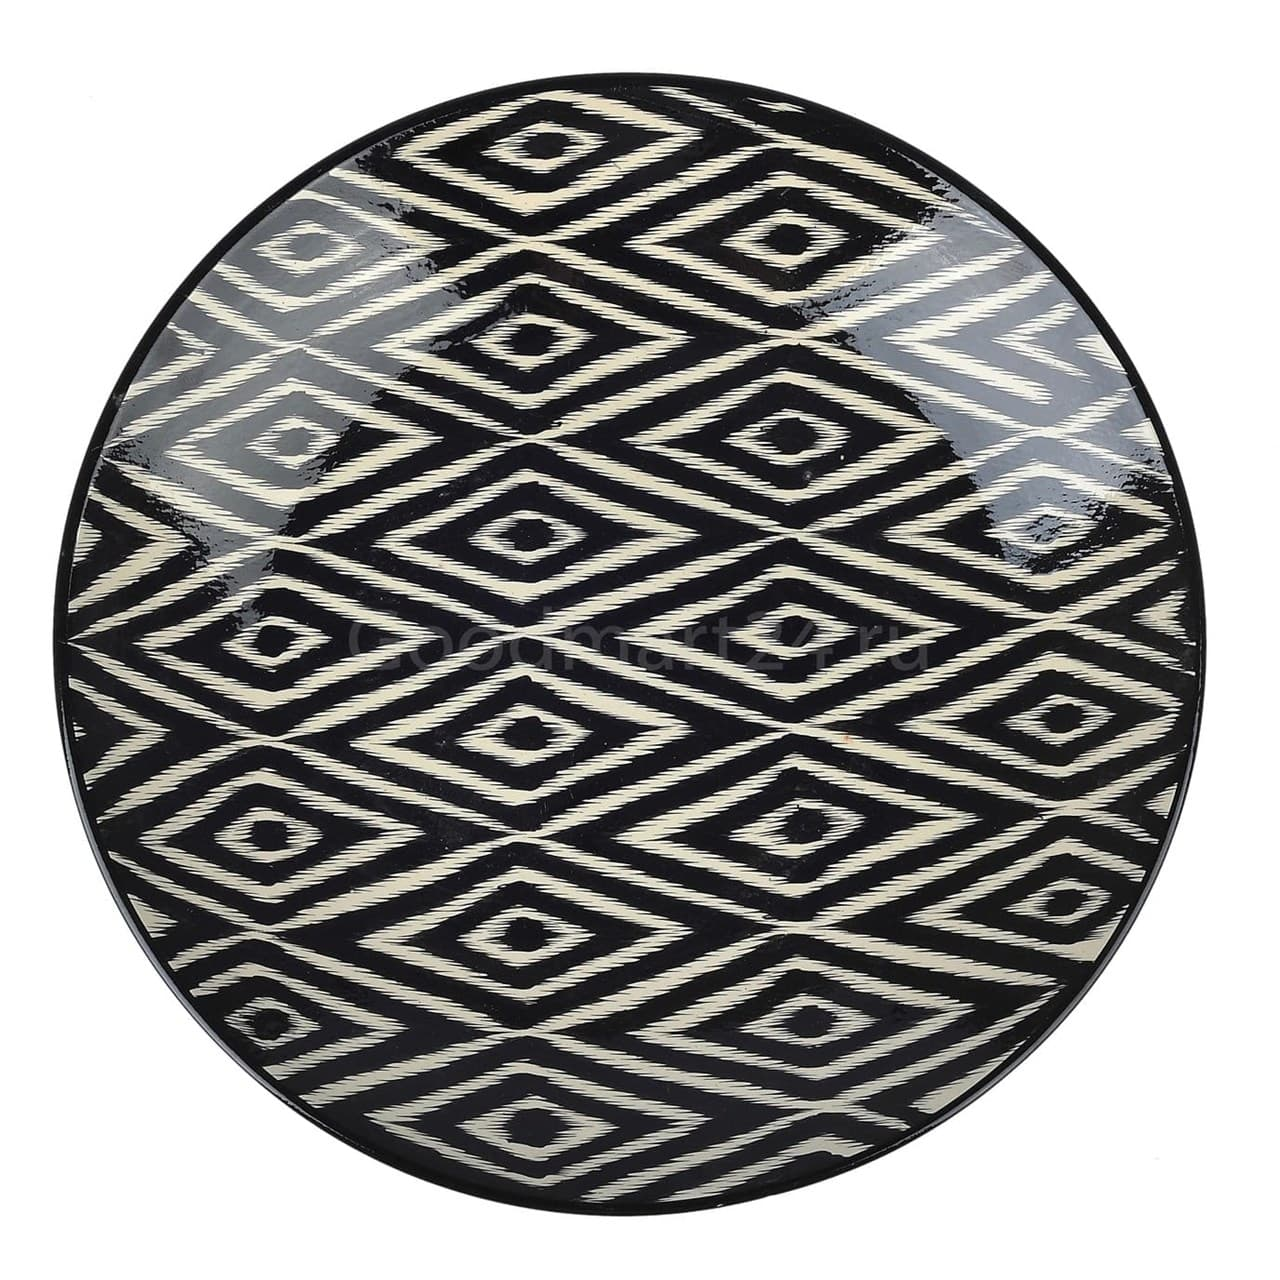 Ляган Риштанская Керамика 38 см. плоский, Чёрный Атлас - фото 9392